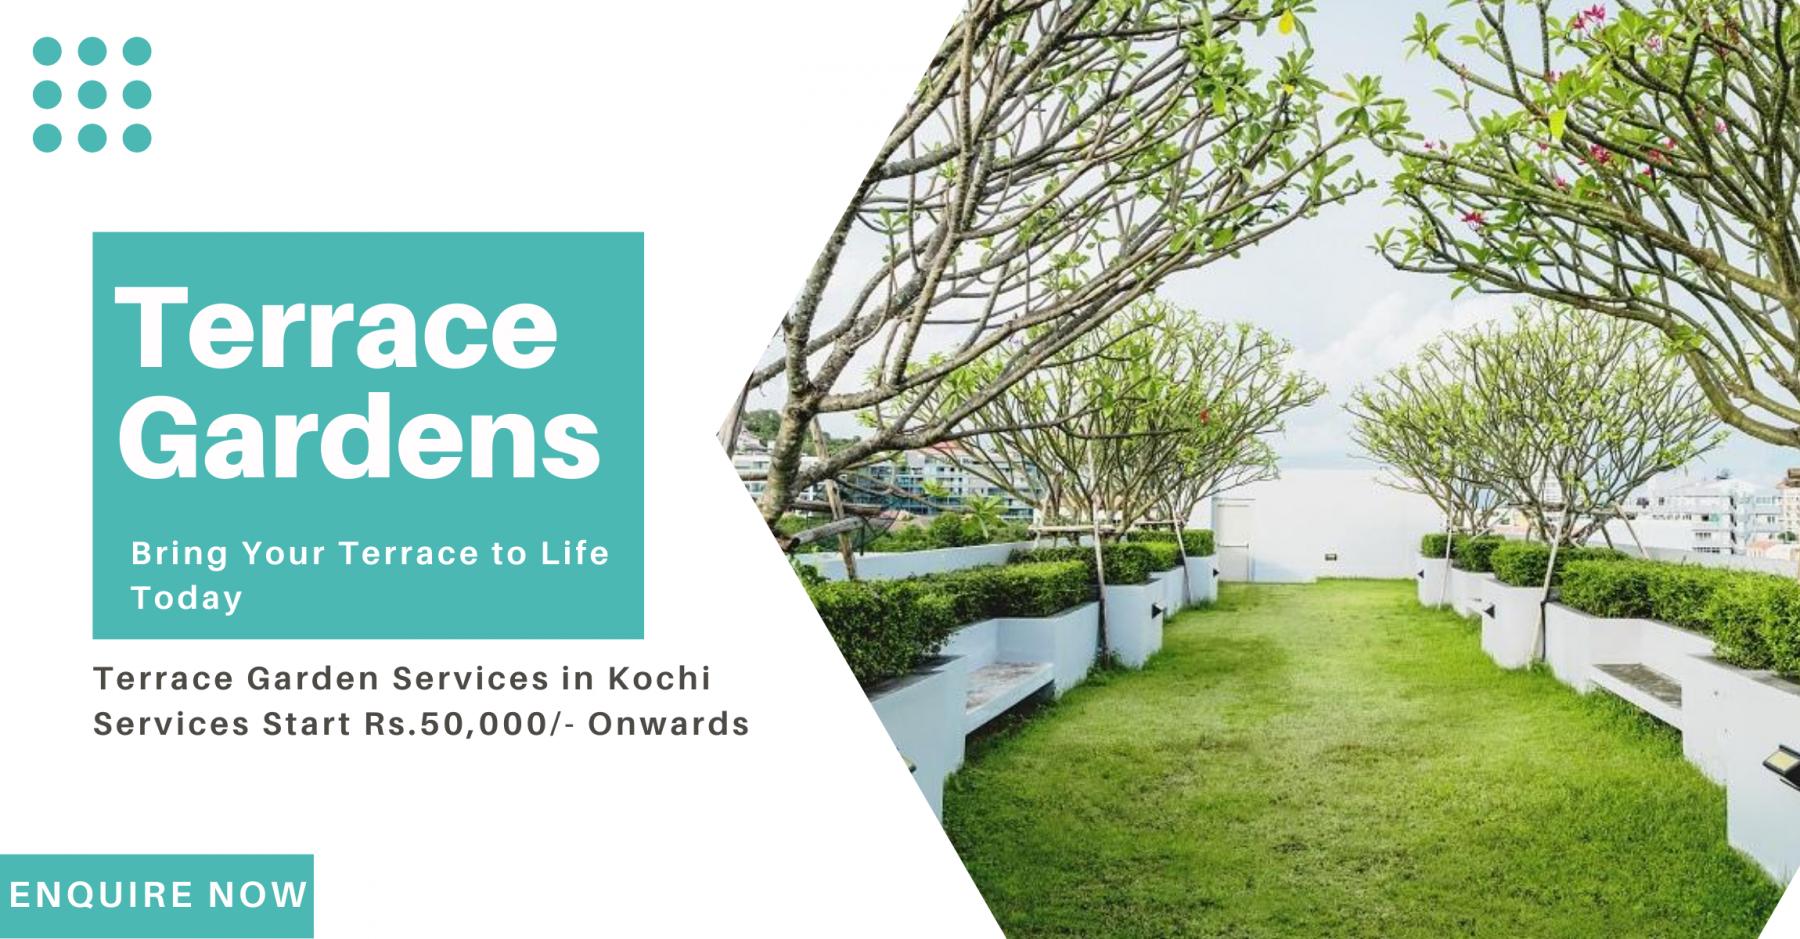 Terrace garden in kochi